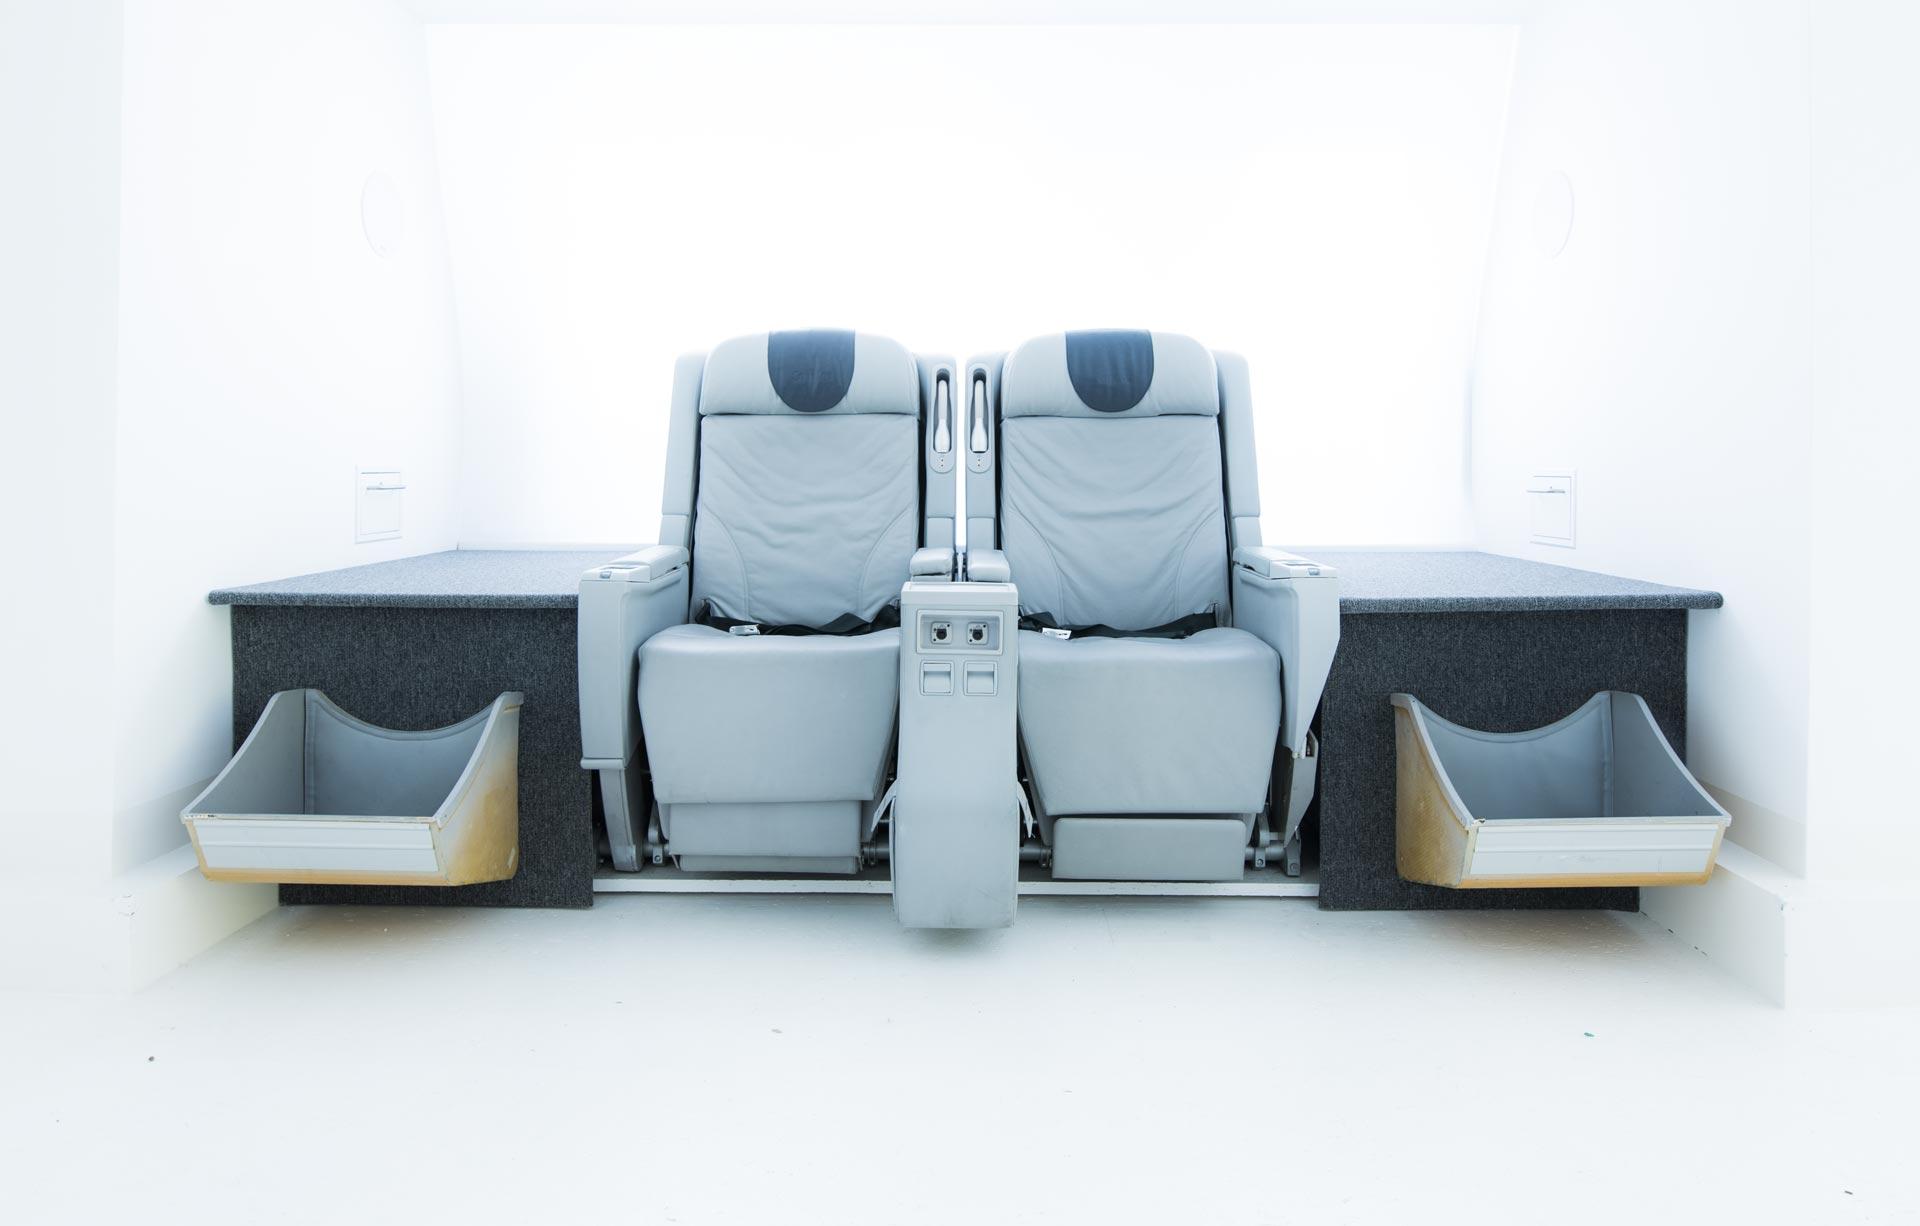 Flugzeugsitze im Fotostudio